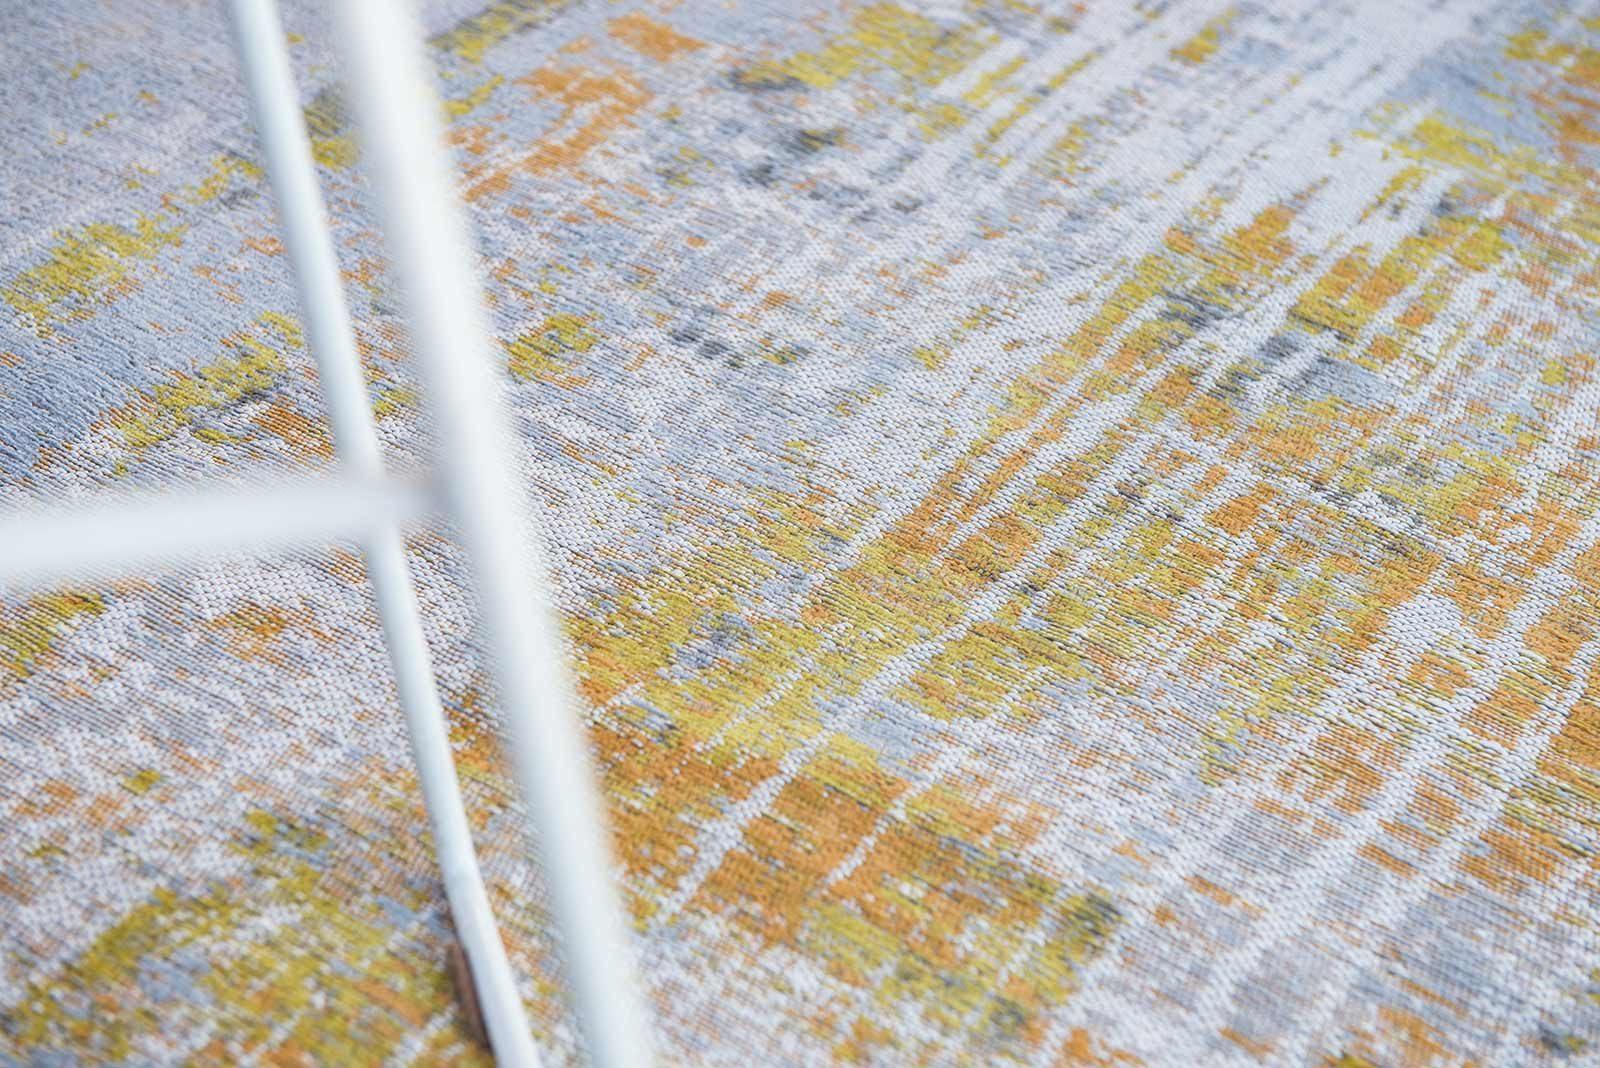 alfombras Louis De Poortere LX8715 Atlantic Streaks Sea Bright Sunny zoom 3